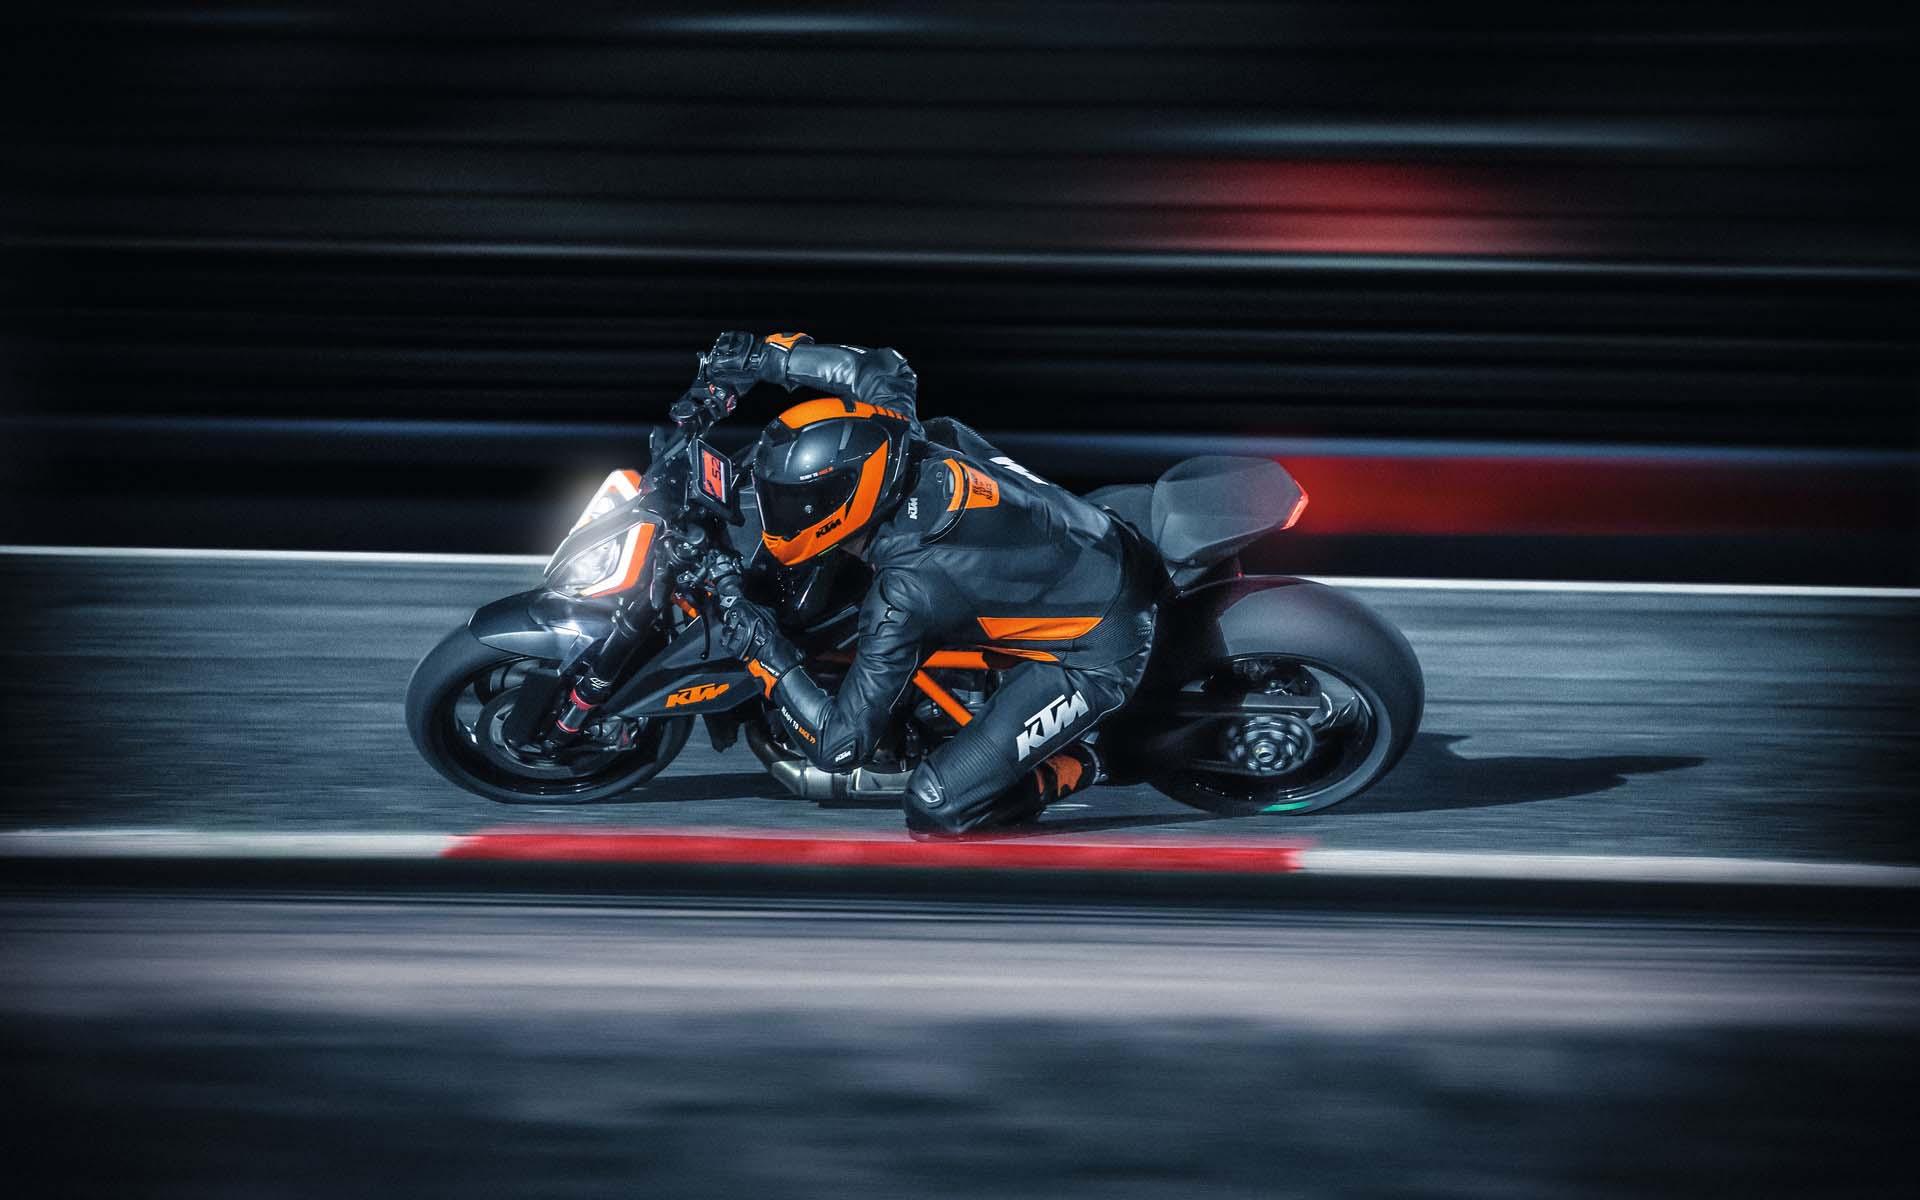 2020 KTM 1290 Super Duke R отозван из-за проблем с электрикой